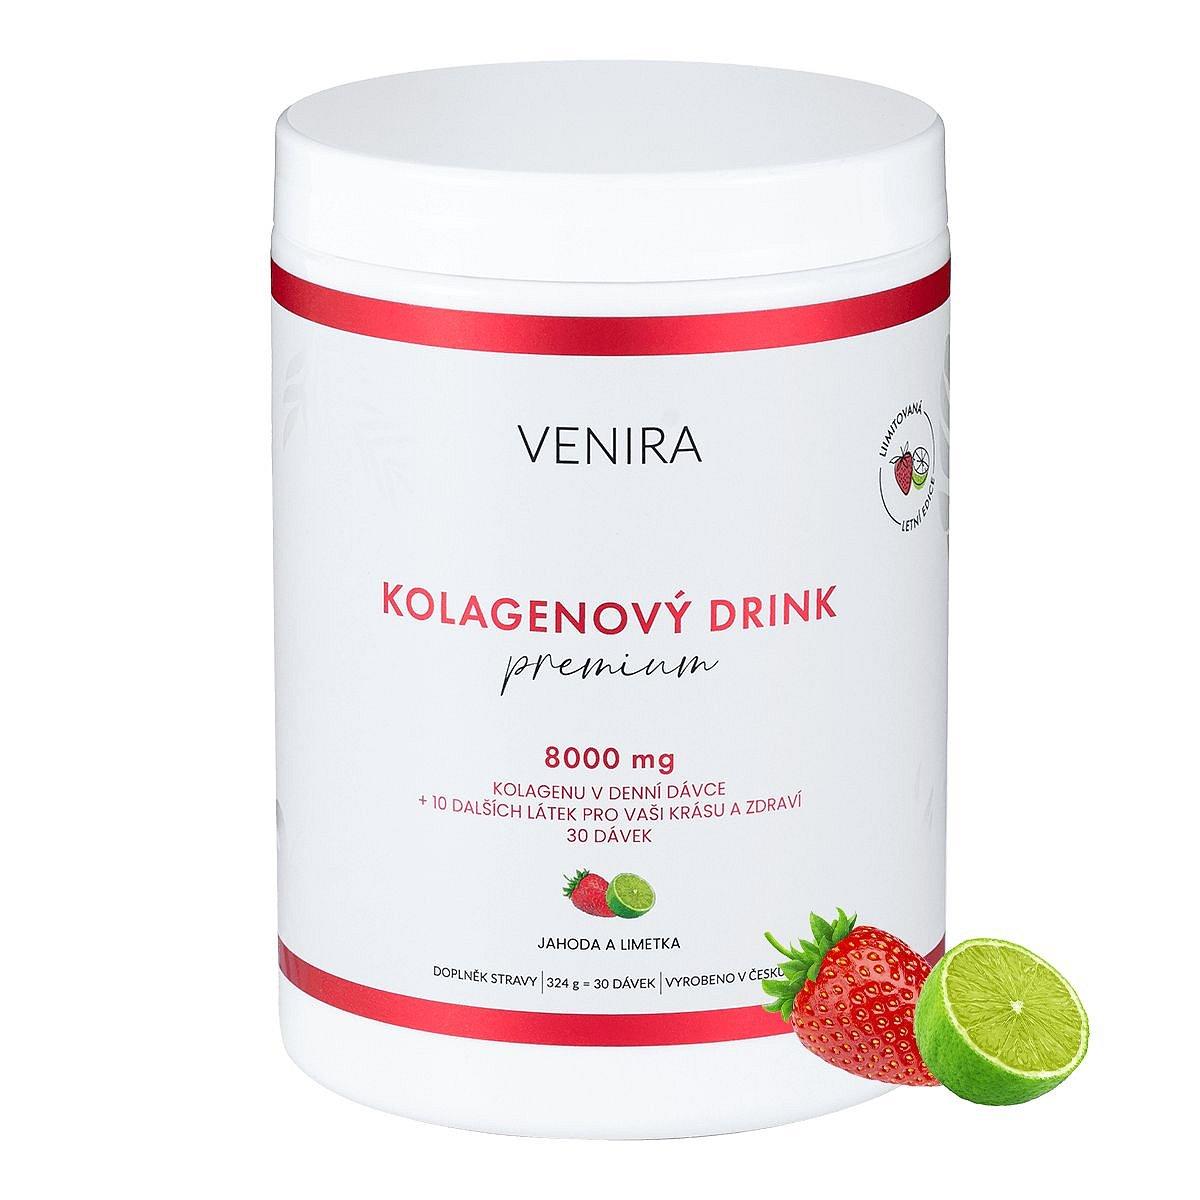 Venira Kolagenový drink Premium jahoda a limetka 324 g